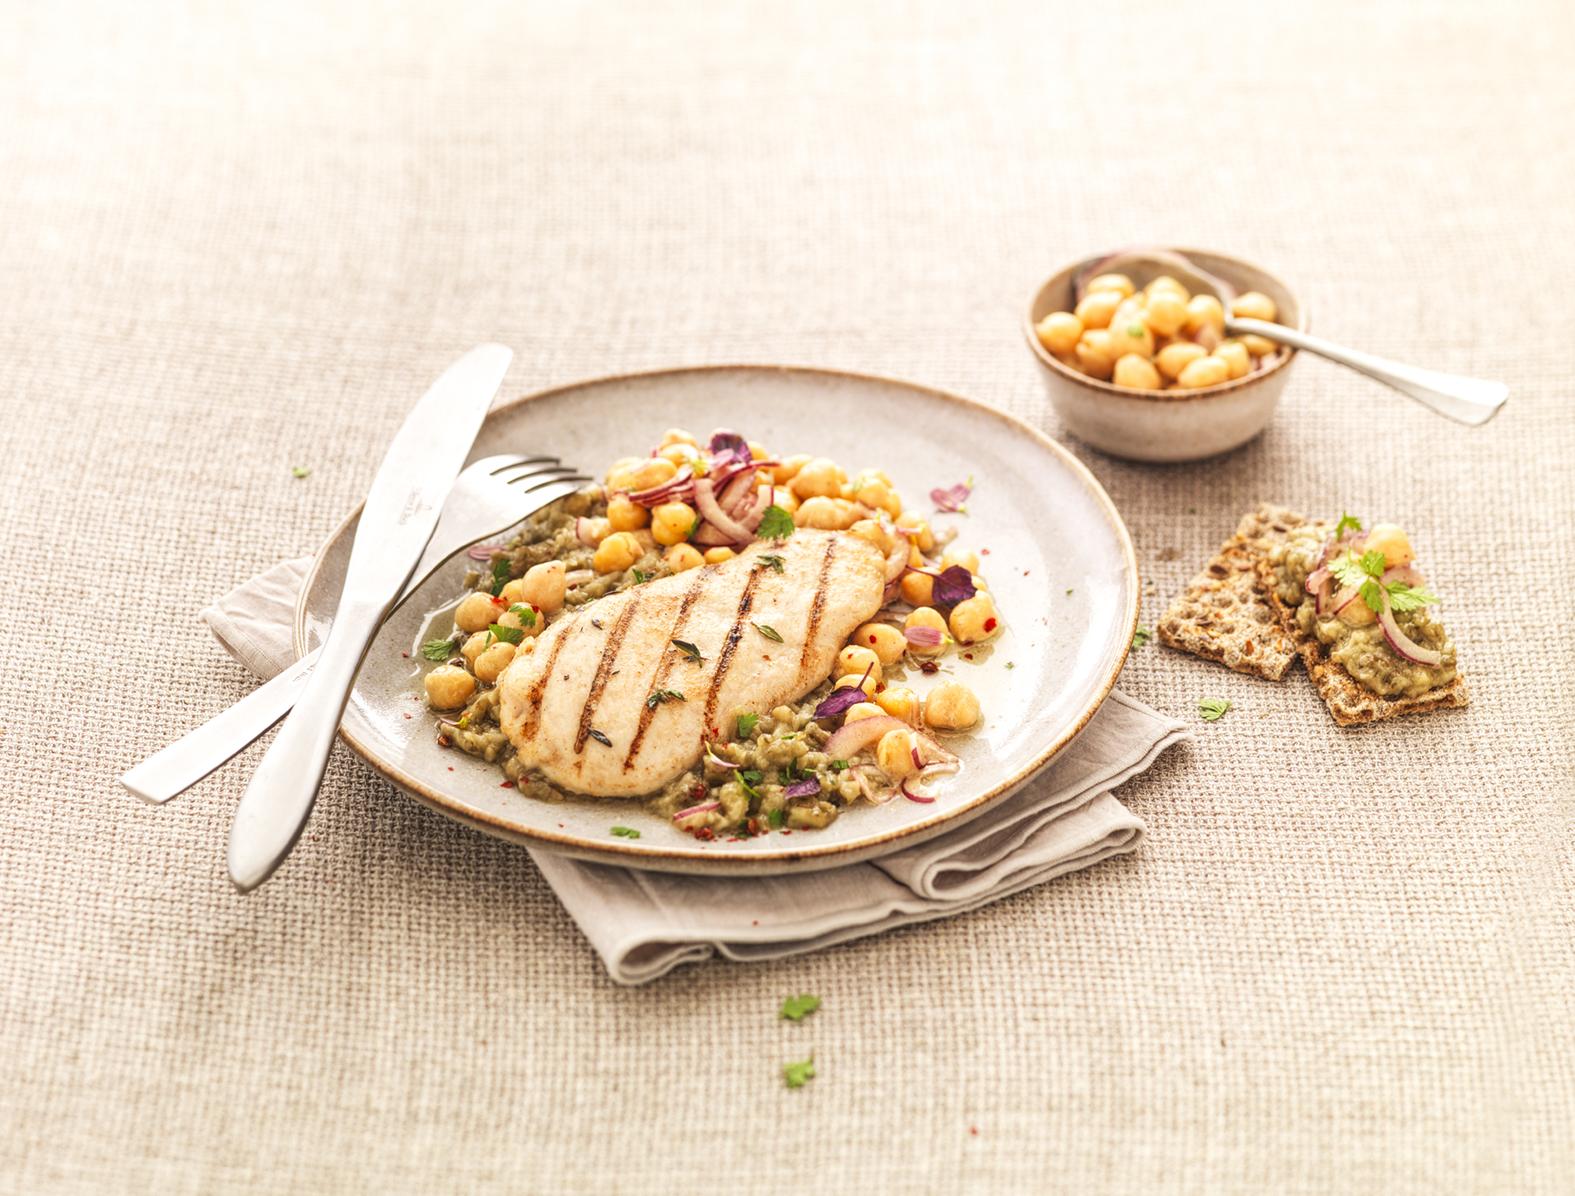 Escalopes de poulet grillé, caviar d'aubergine et salade de pois chiches